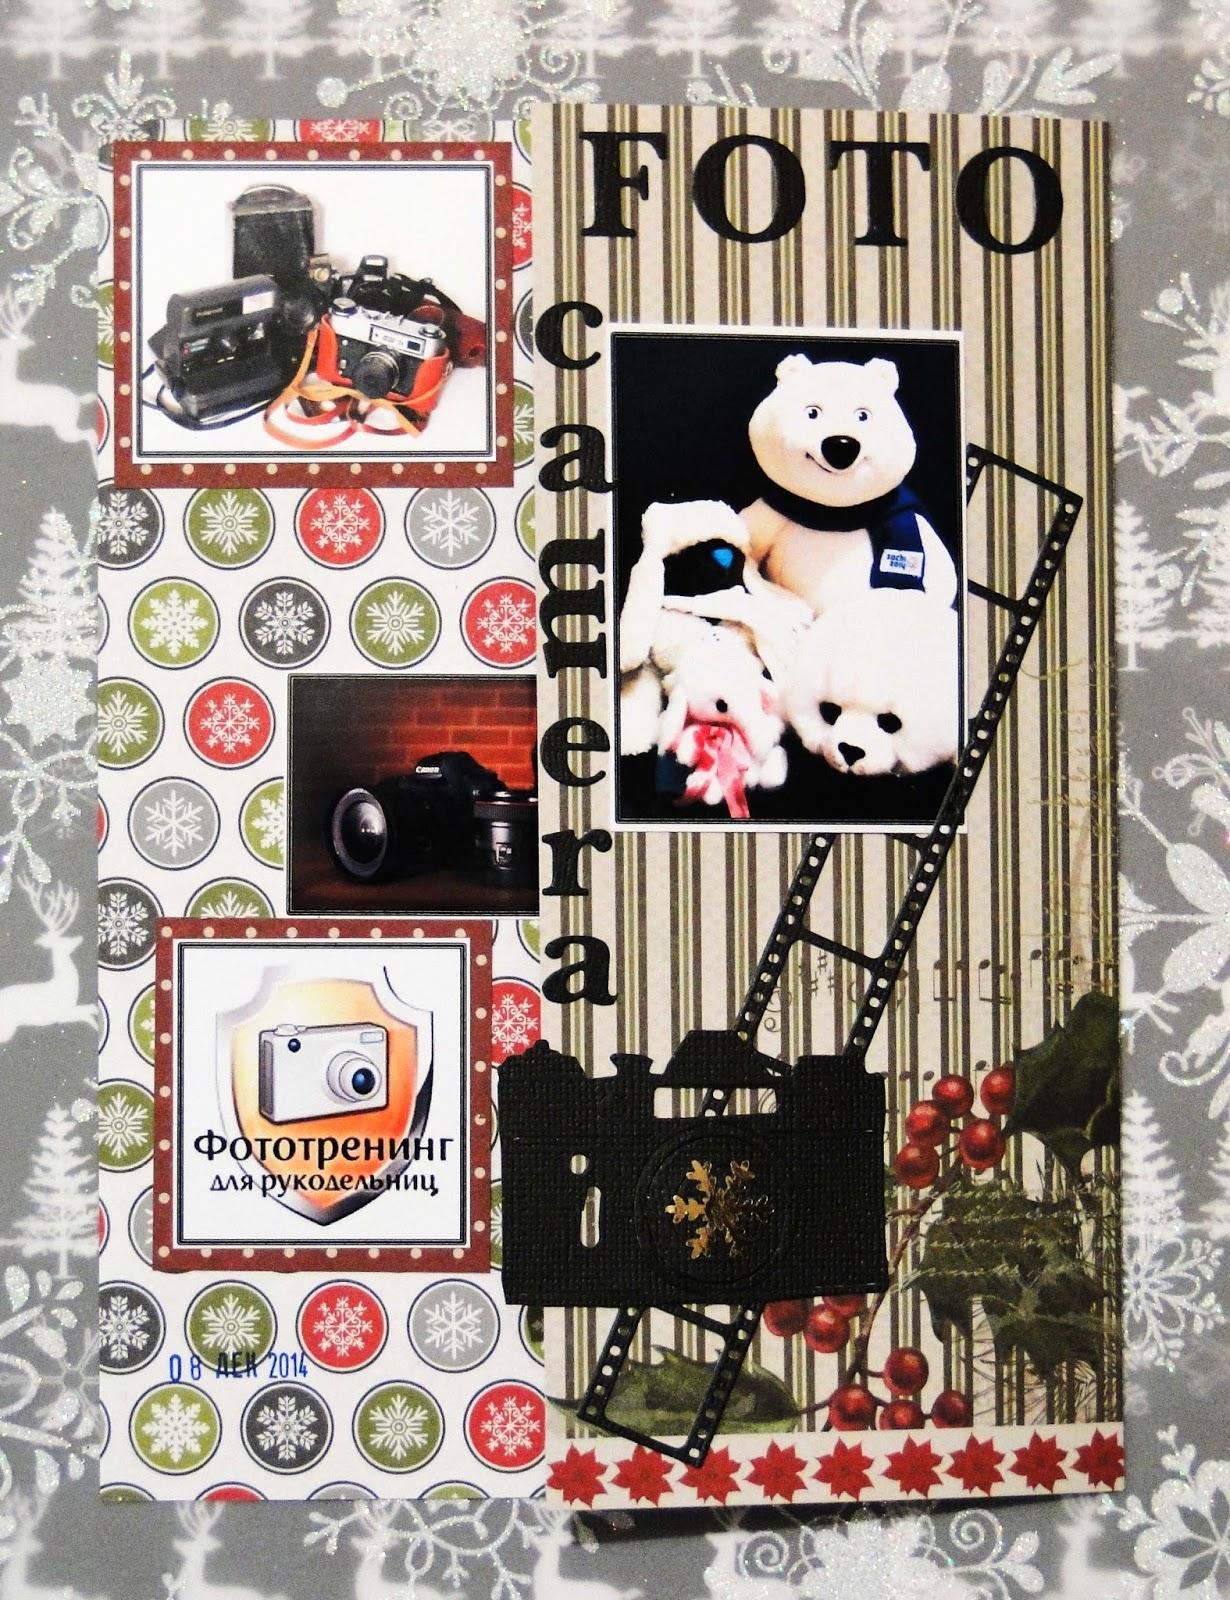 http://masterskay-schastya.blogspot.com/2014/12/DecemberDaily8.html